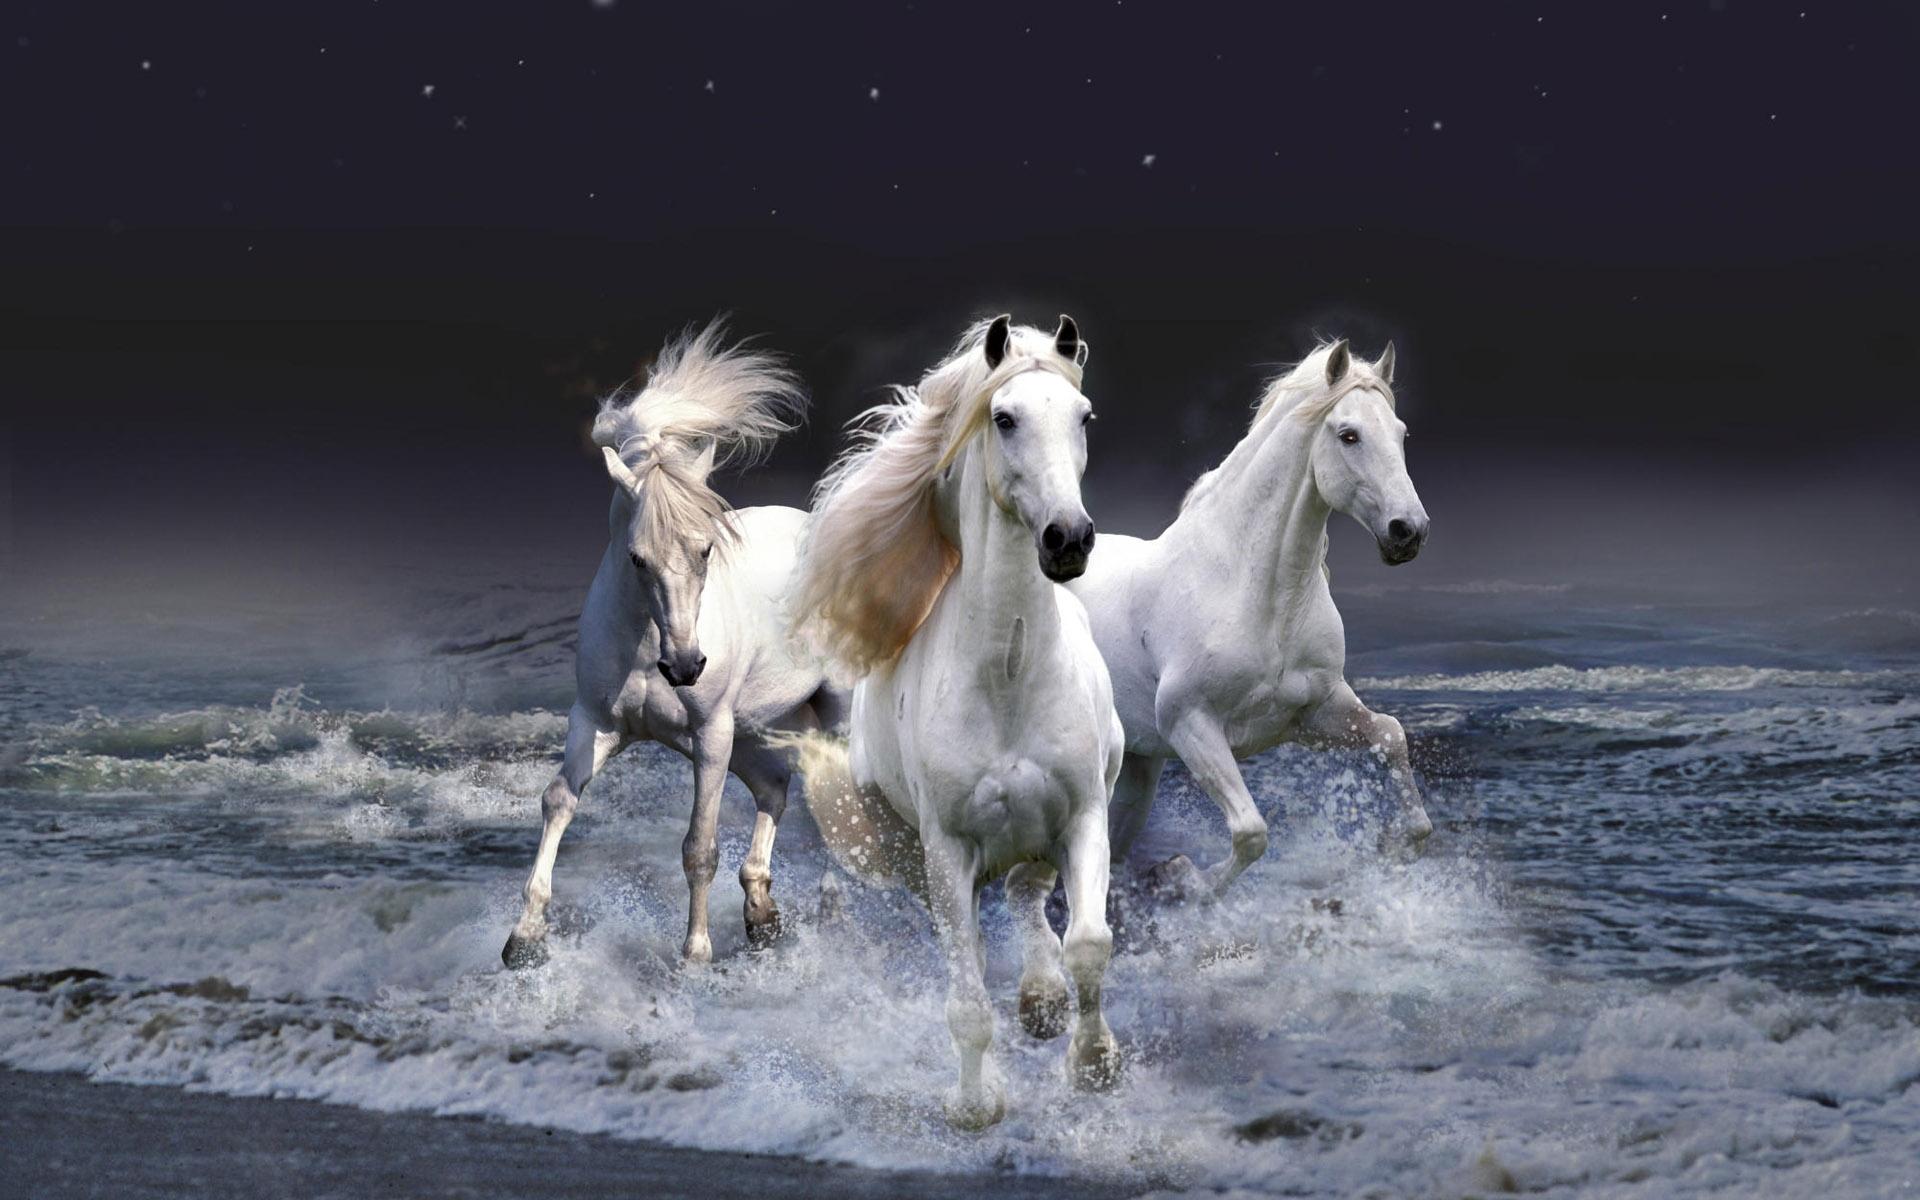 47285 Заставки и Обои Лошади на телефон. Скачать Лошади, Животные картинки бесплатно